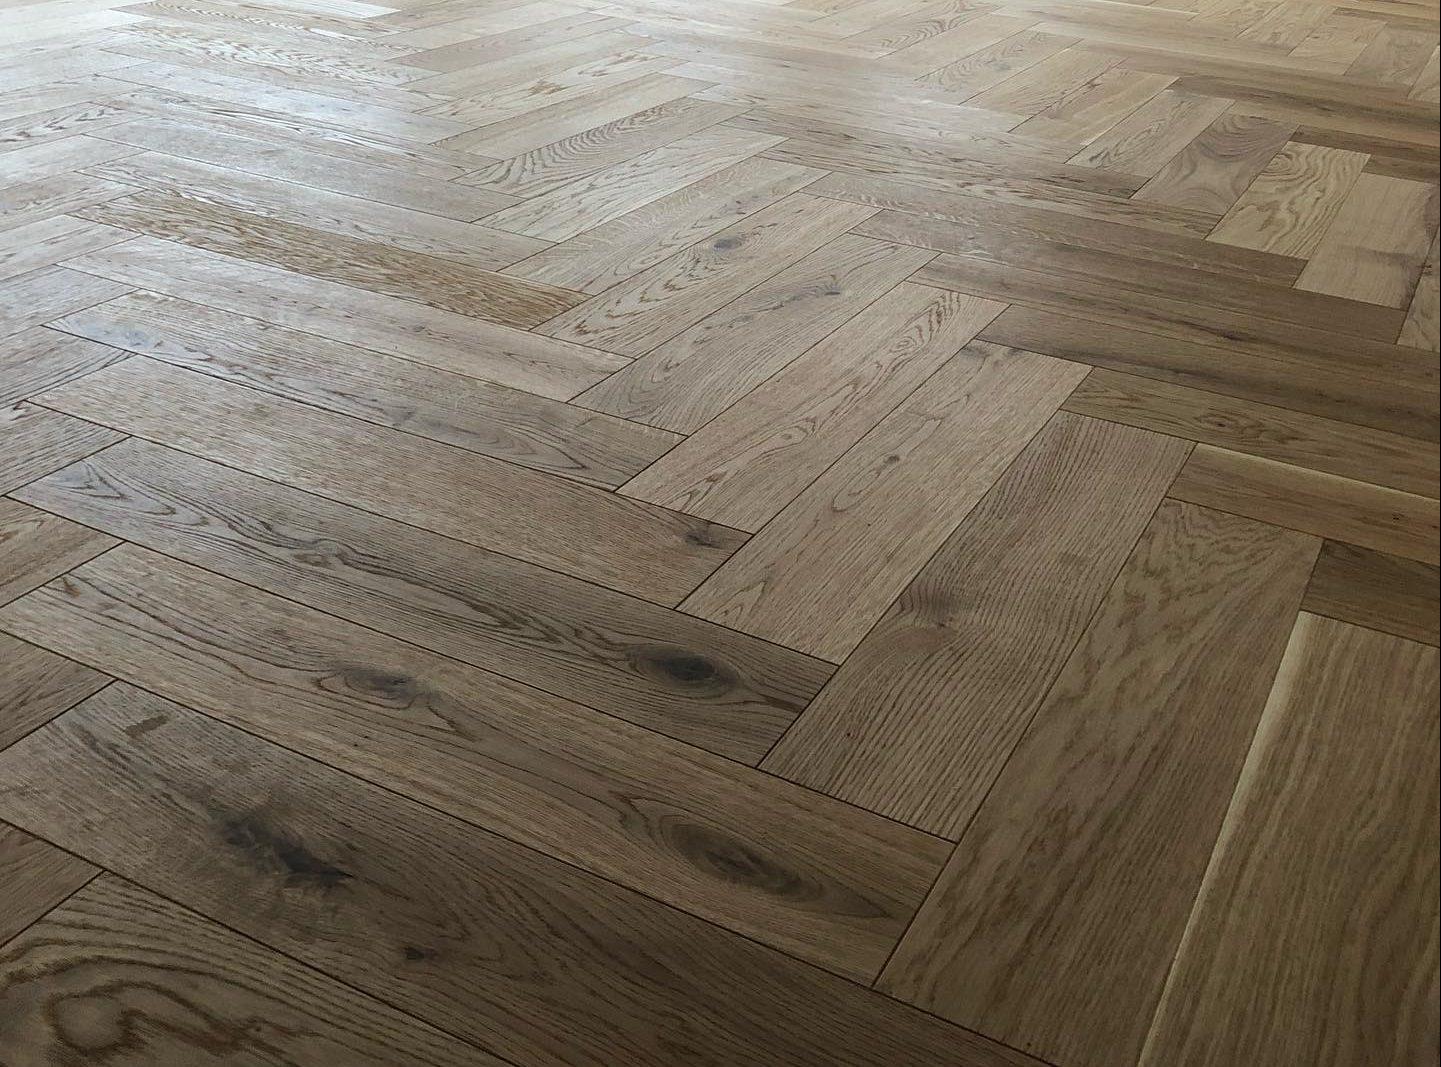 Fiskbensparkett golvläggning av golv finish